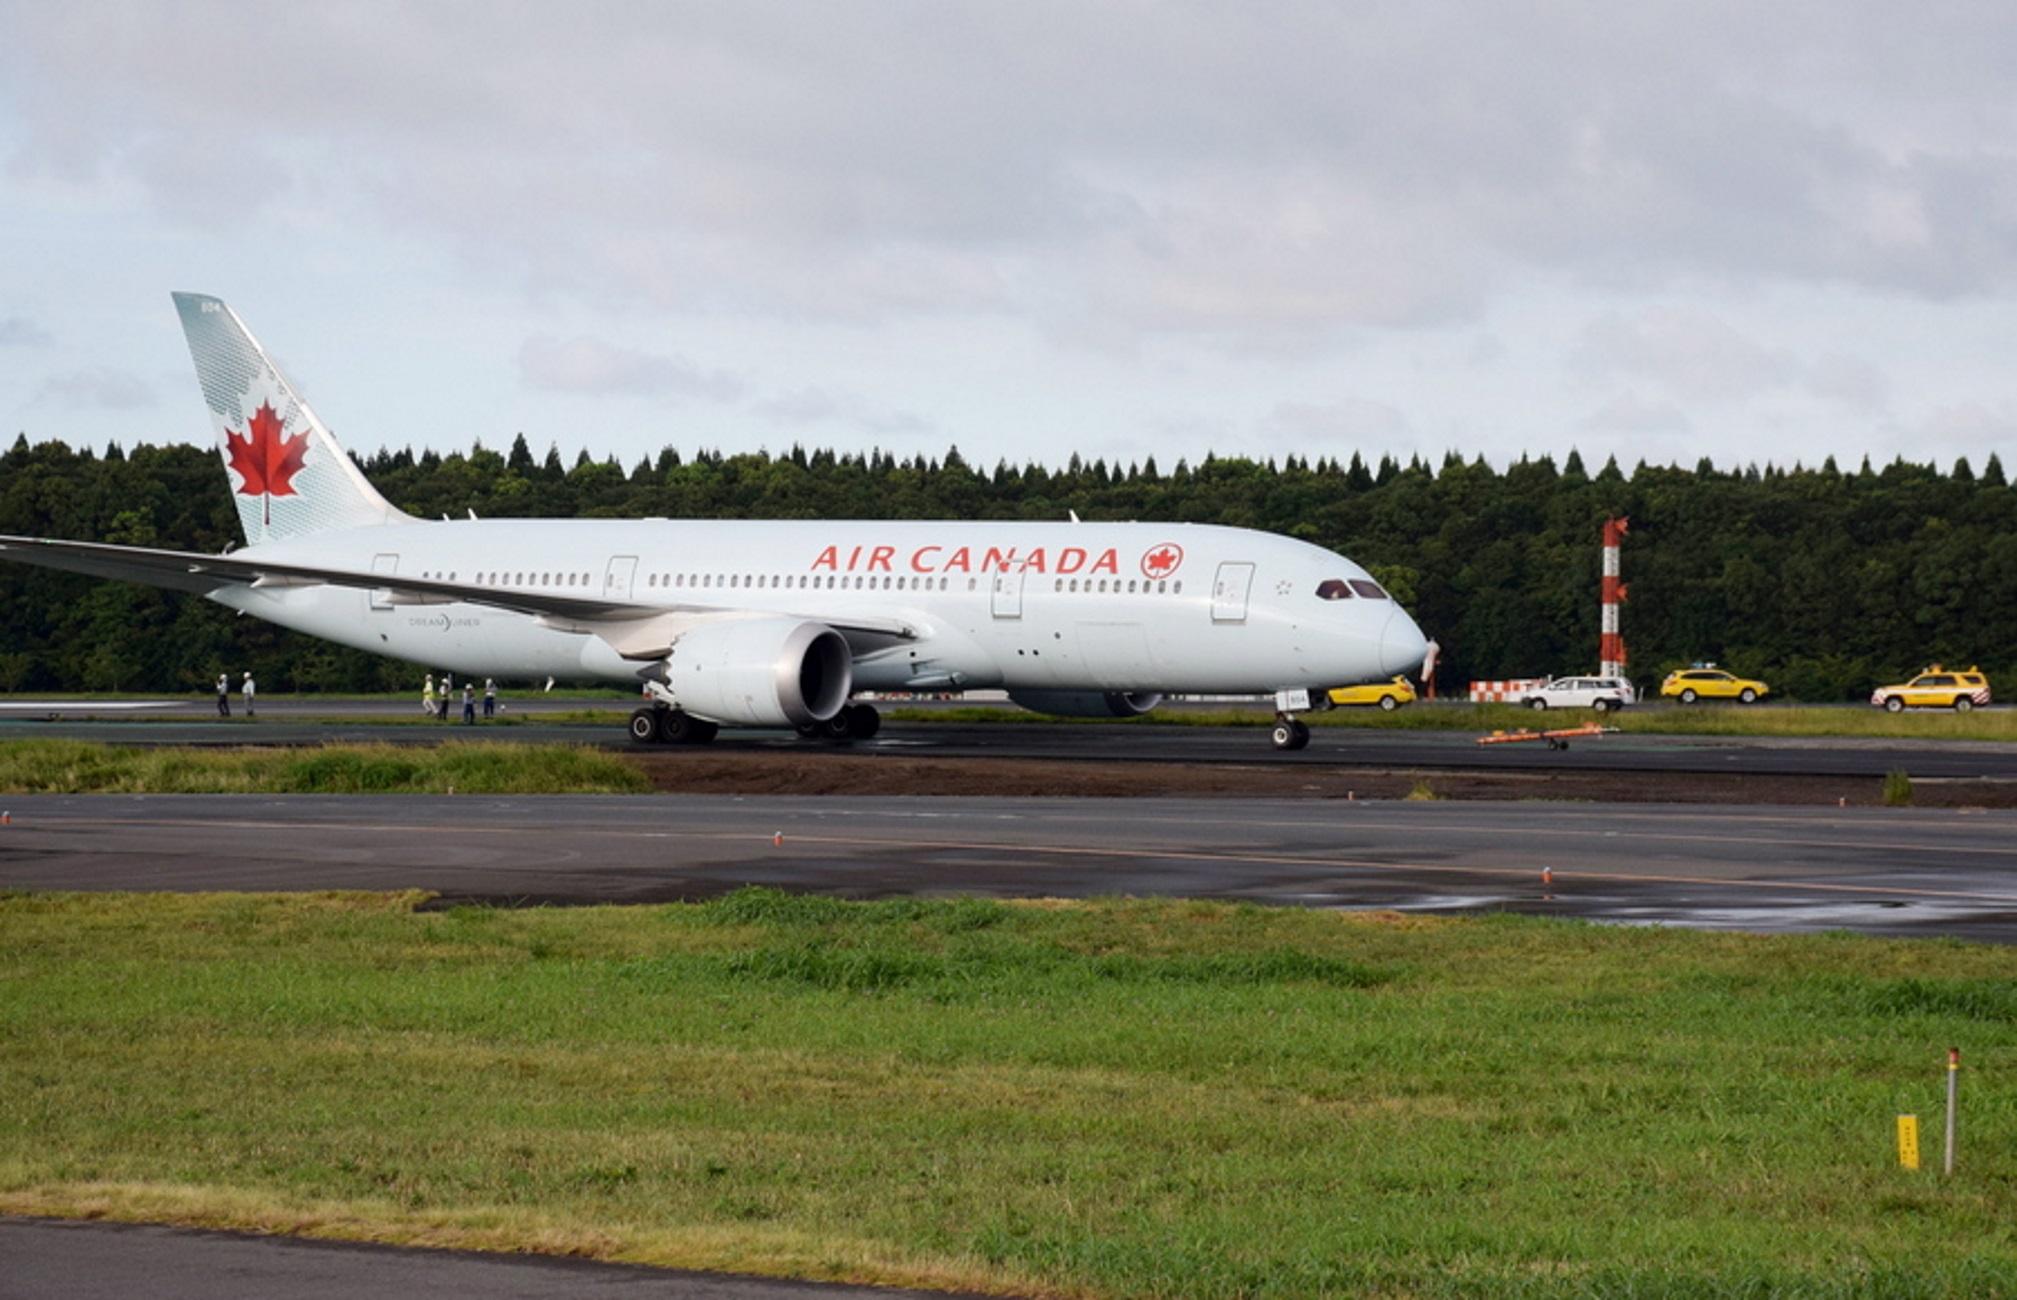 Συναγερμός με αεροσκάφος της Air Canada! Ζήτησε αναγκαστική προσγείωση στη Μαδρίτη